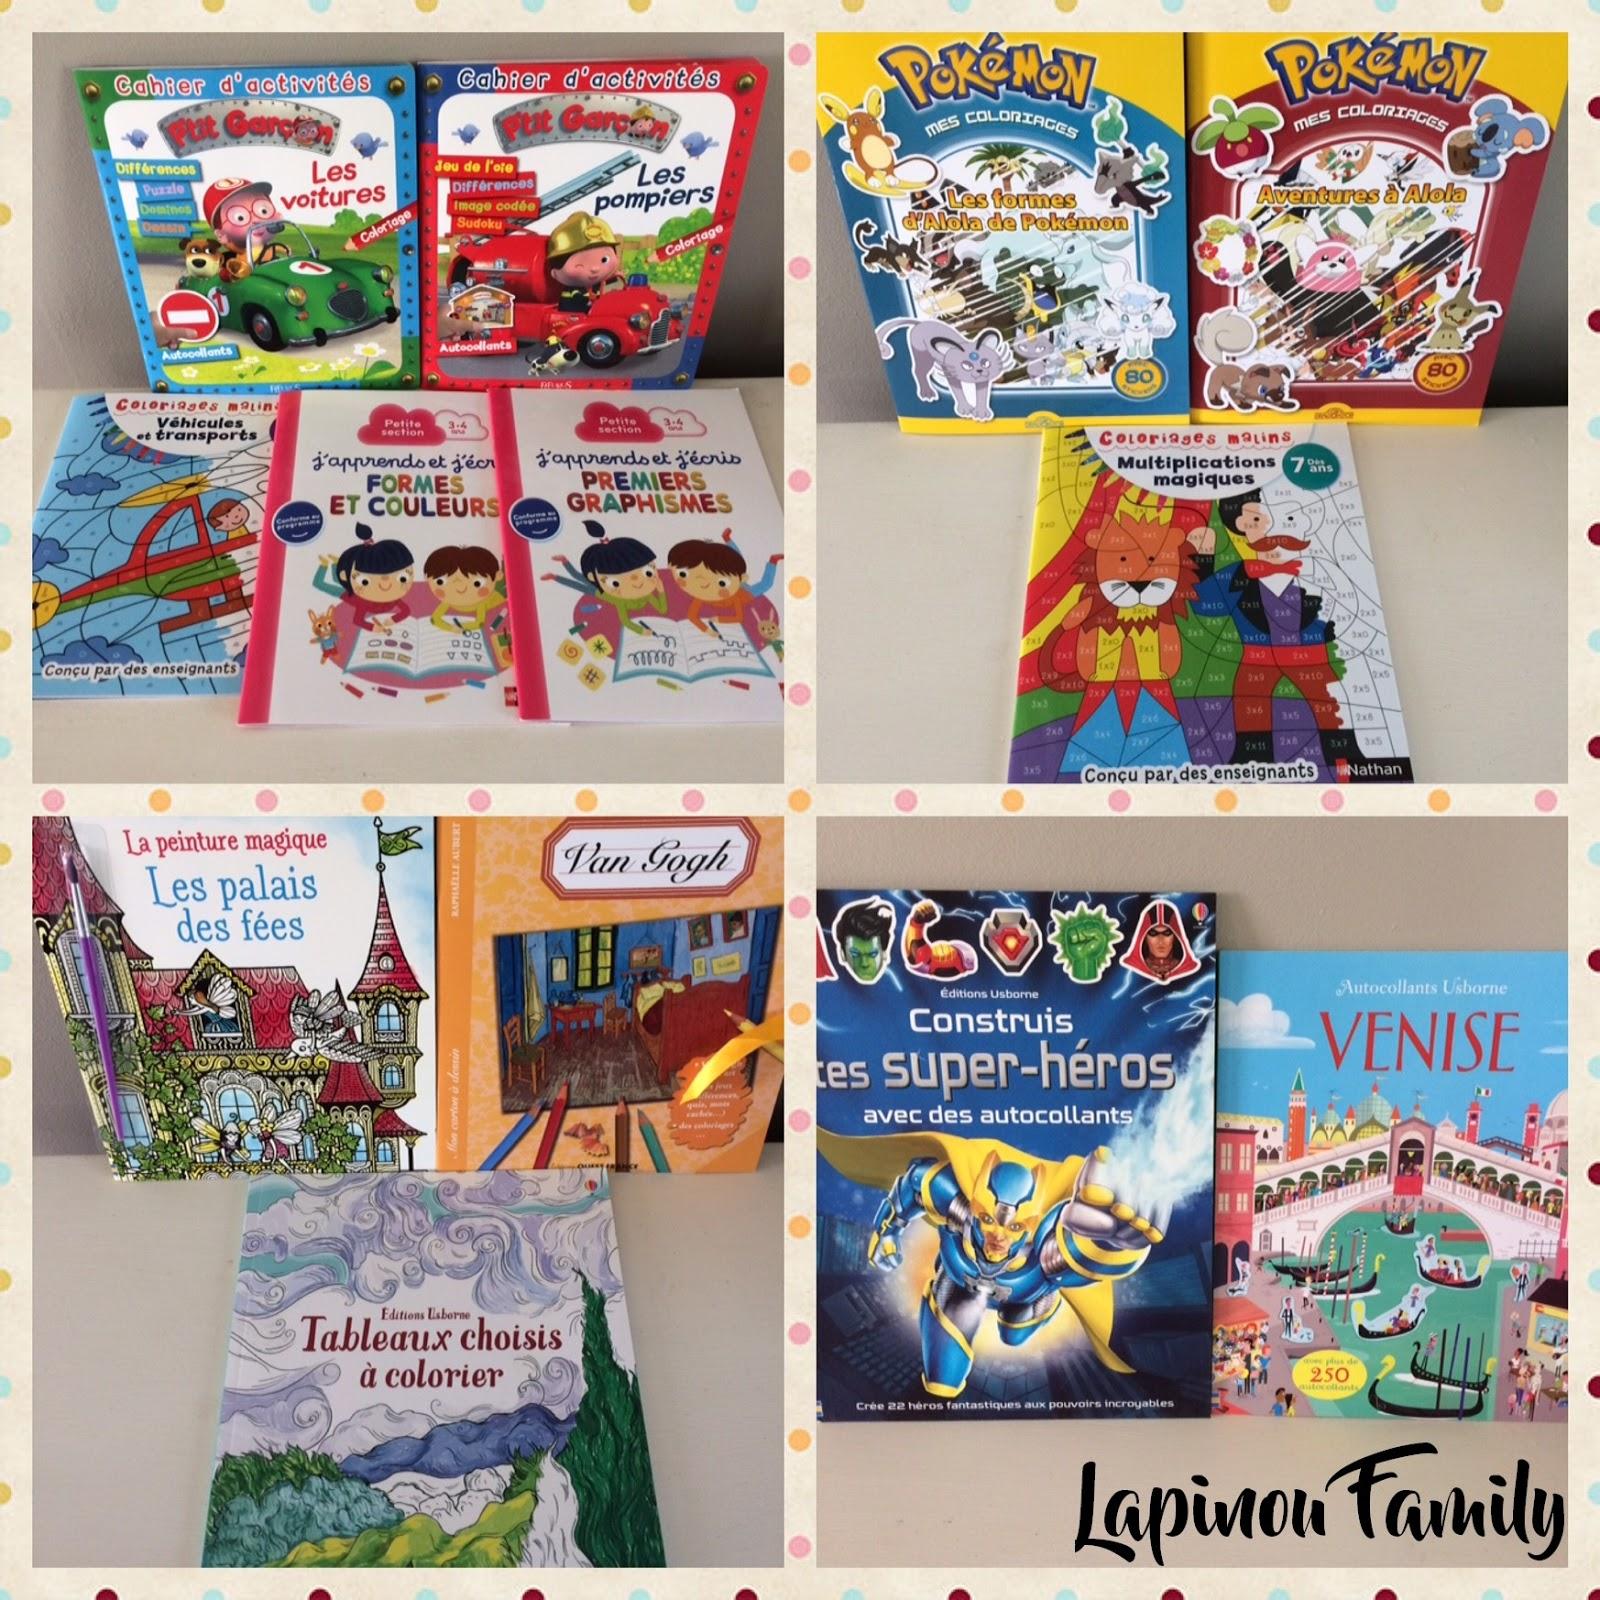 Extrem Livres et cahiers d'activités. #1 - Lapinou Family VN88